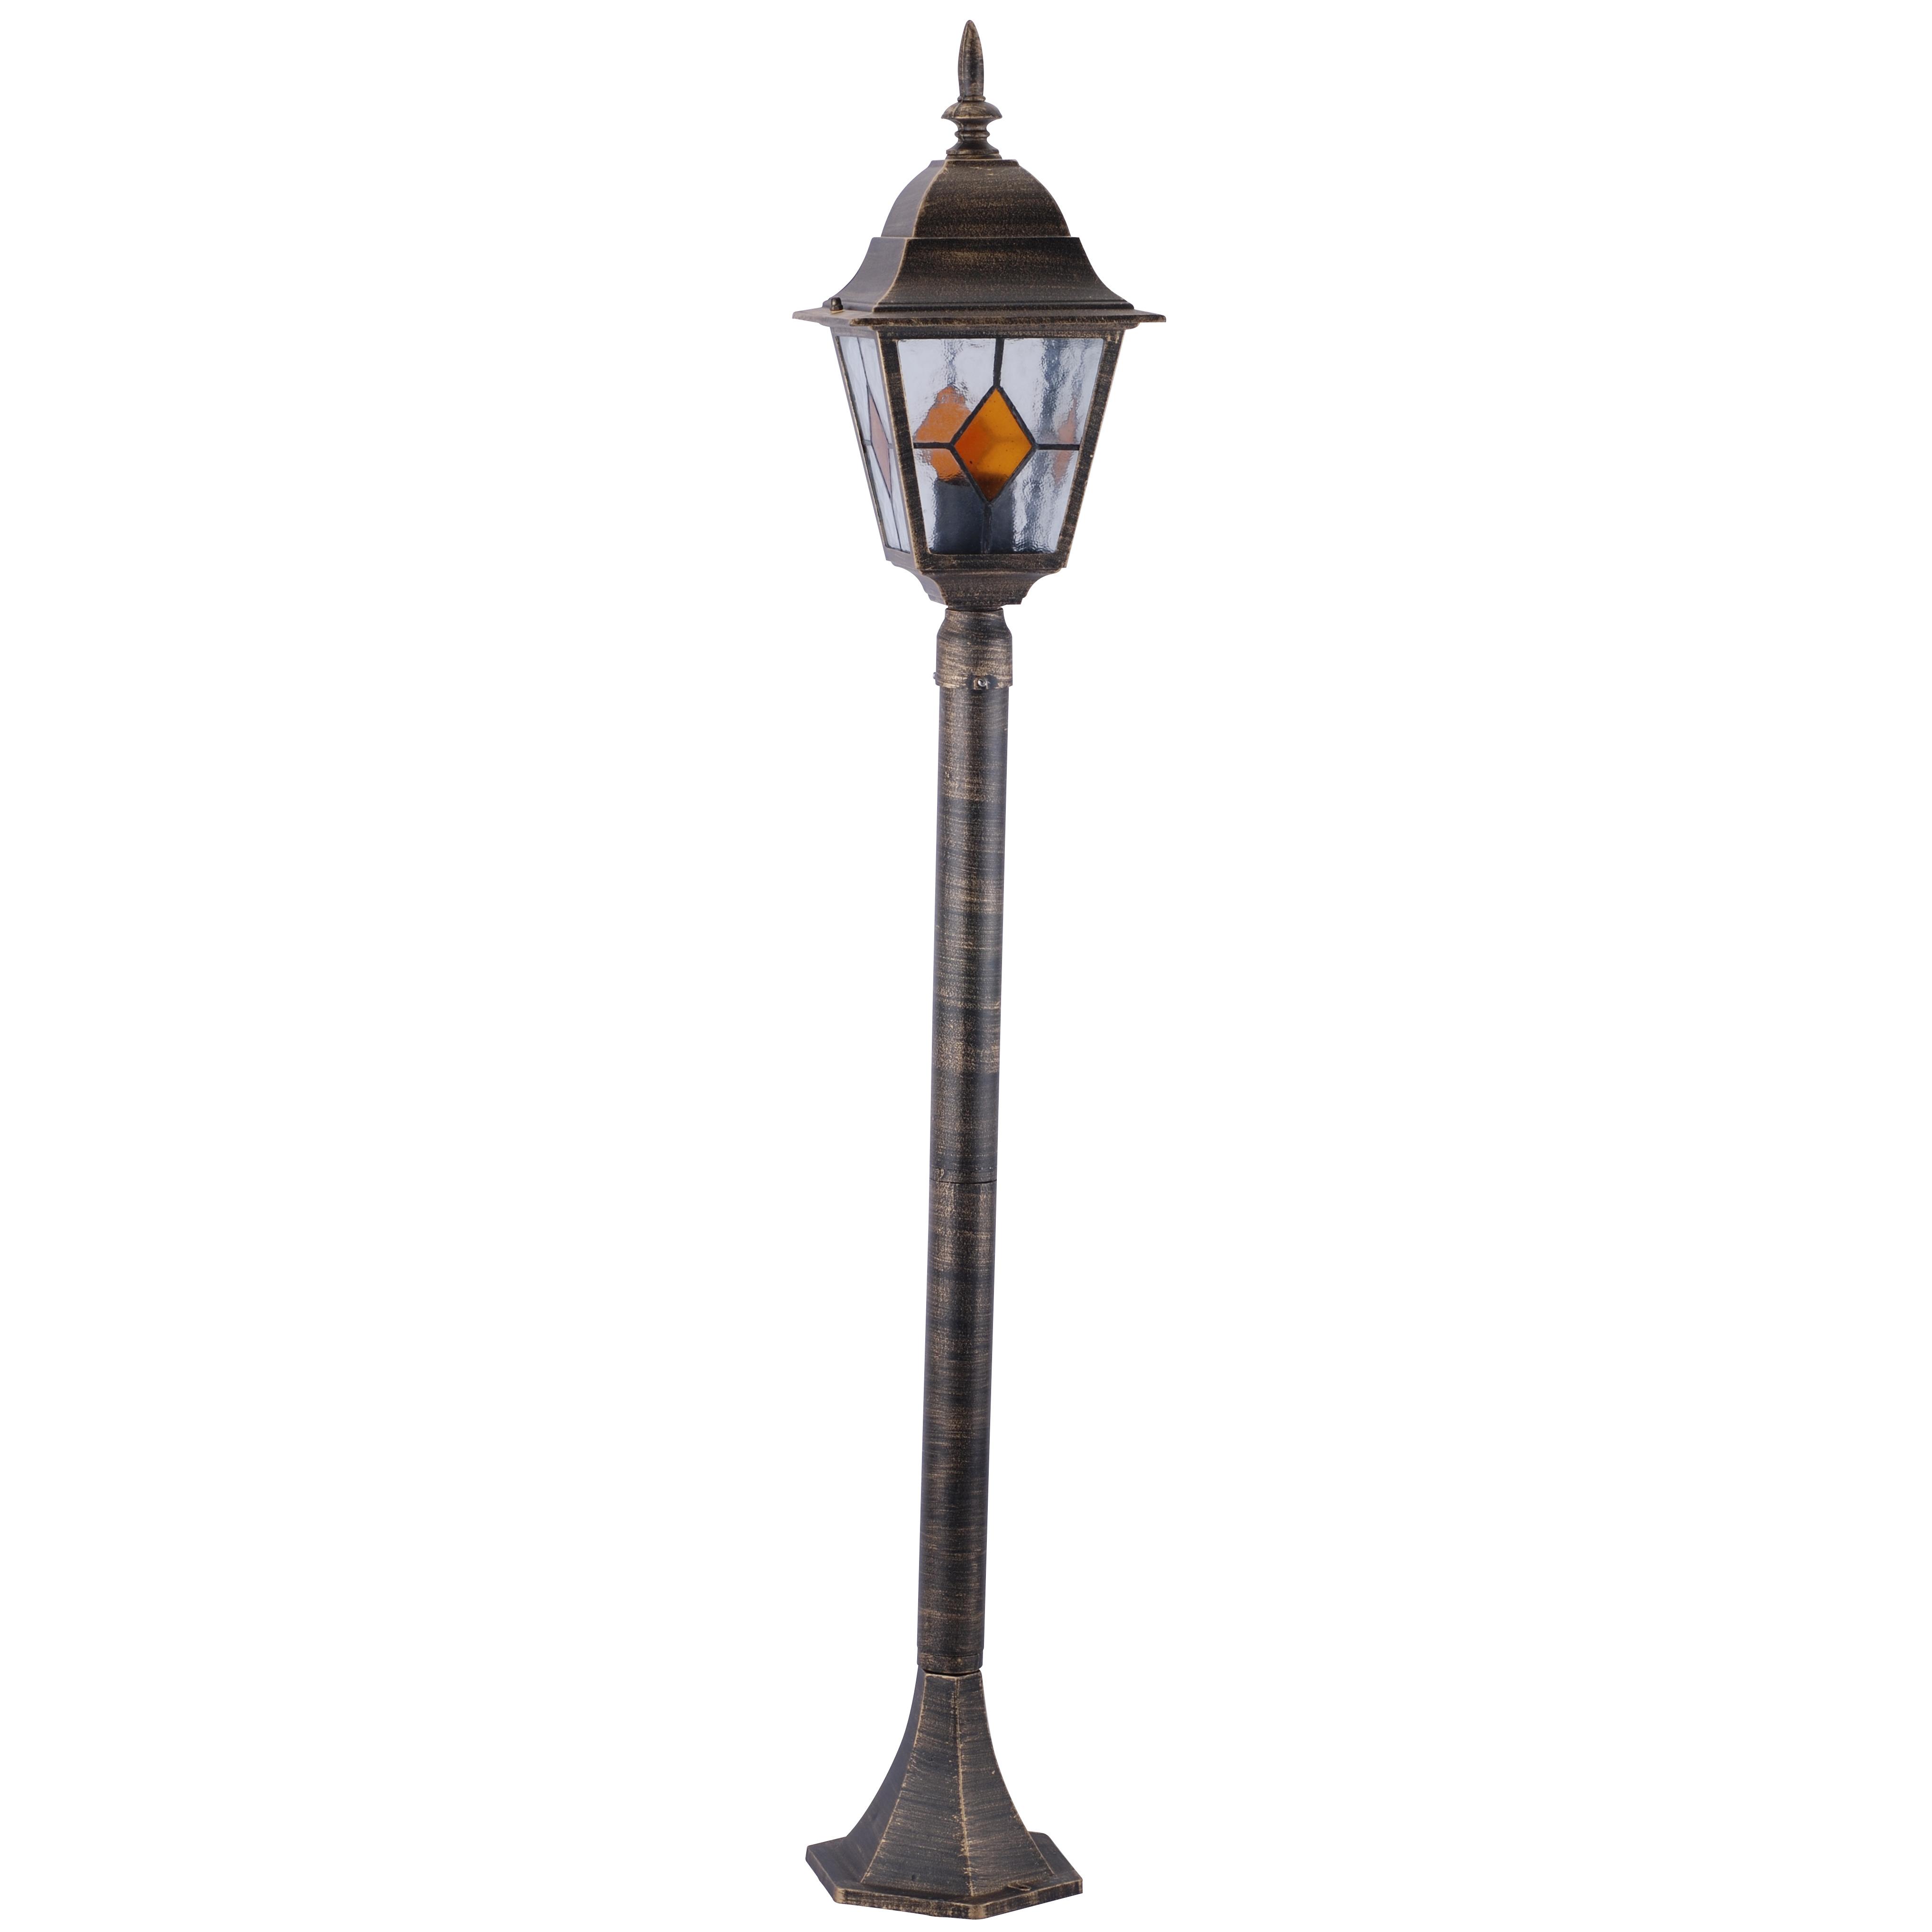 Светильник уличный Arte lamp Berlin a1016pa-1bn arte lamp a1016pa 1bn